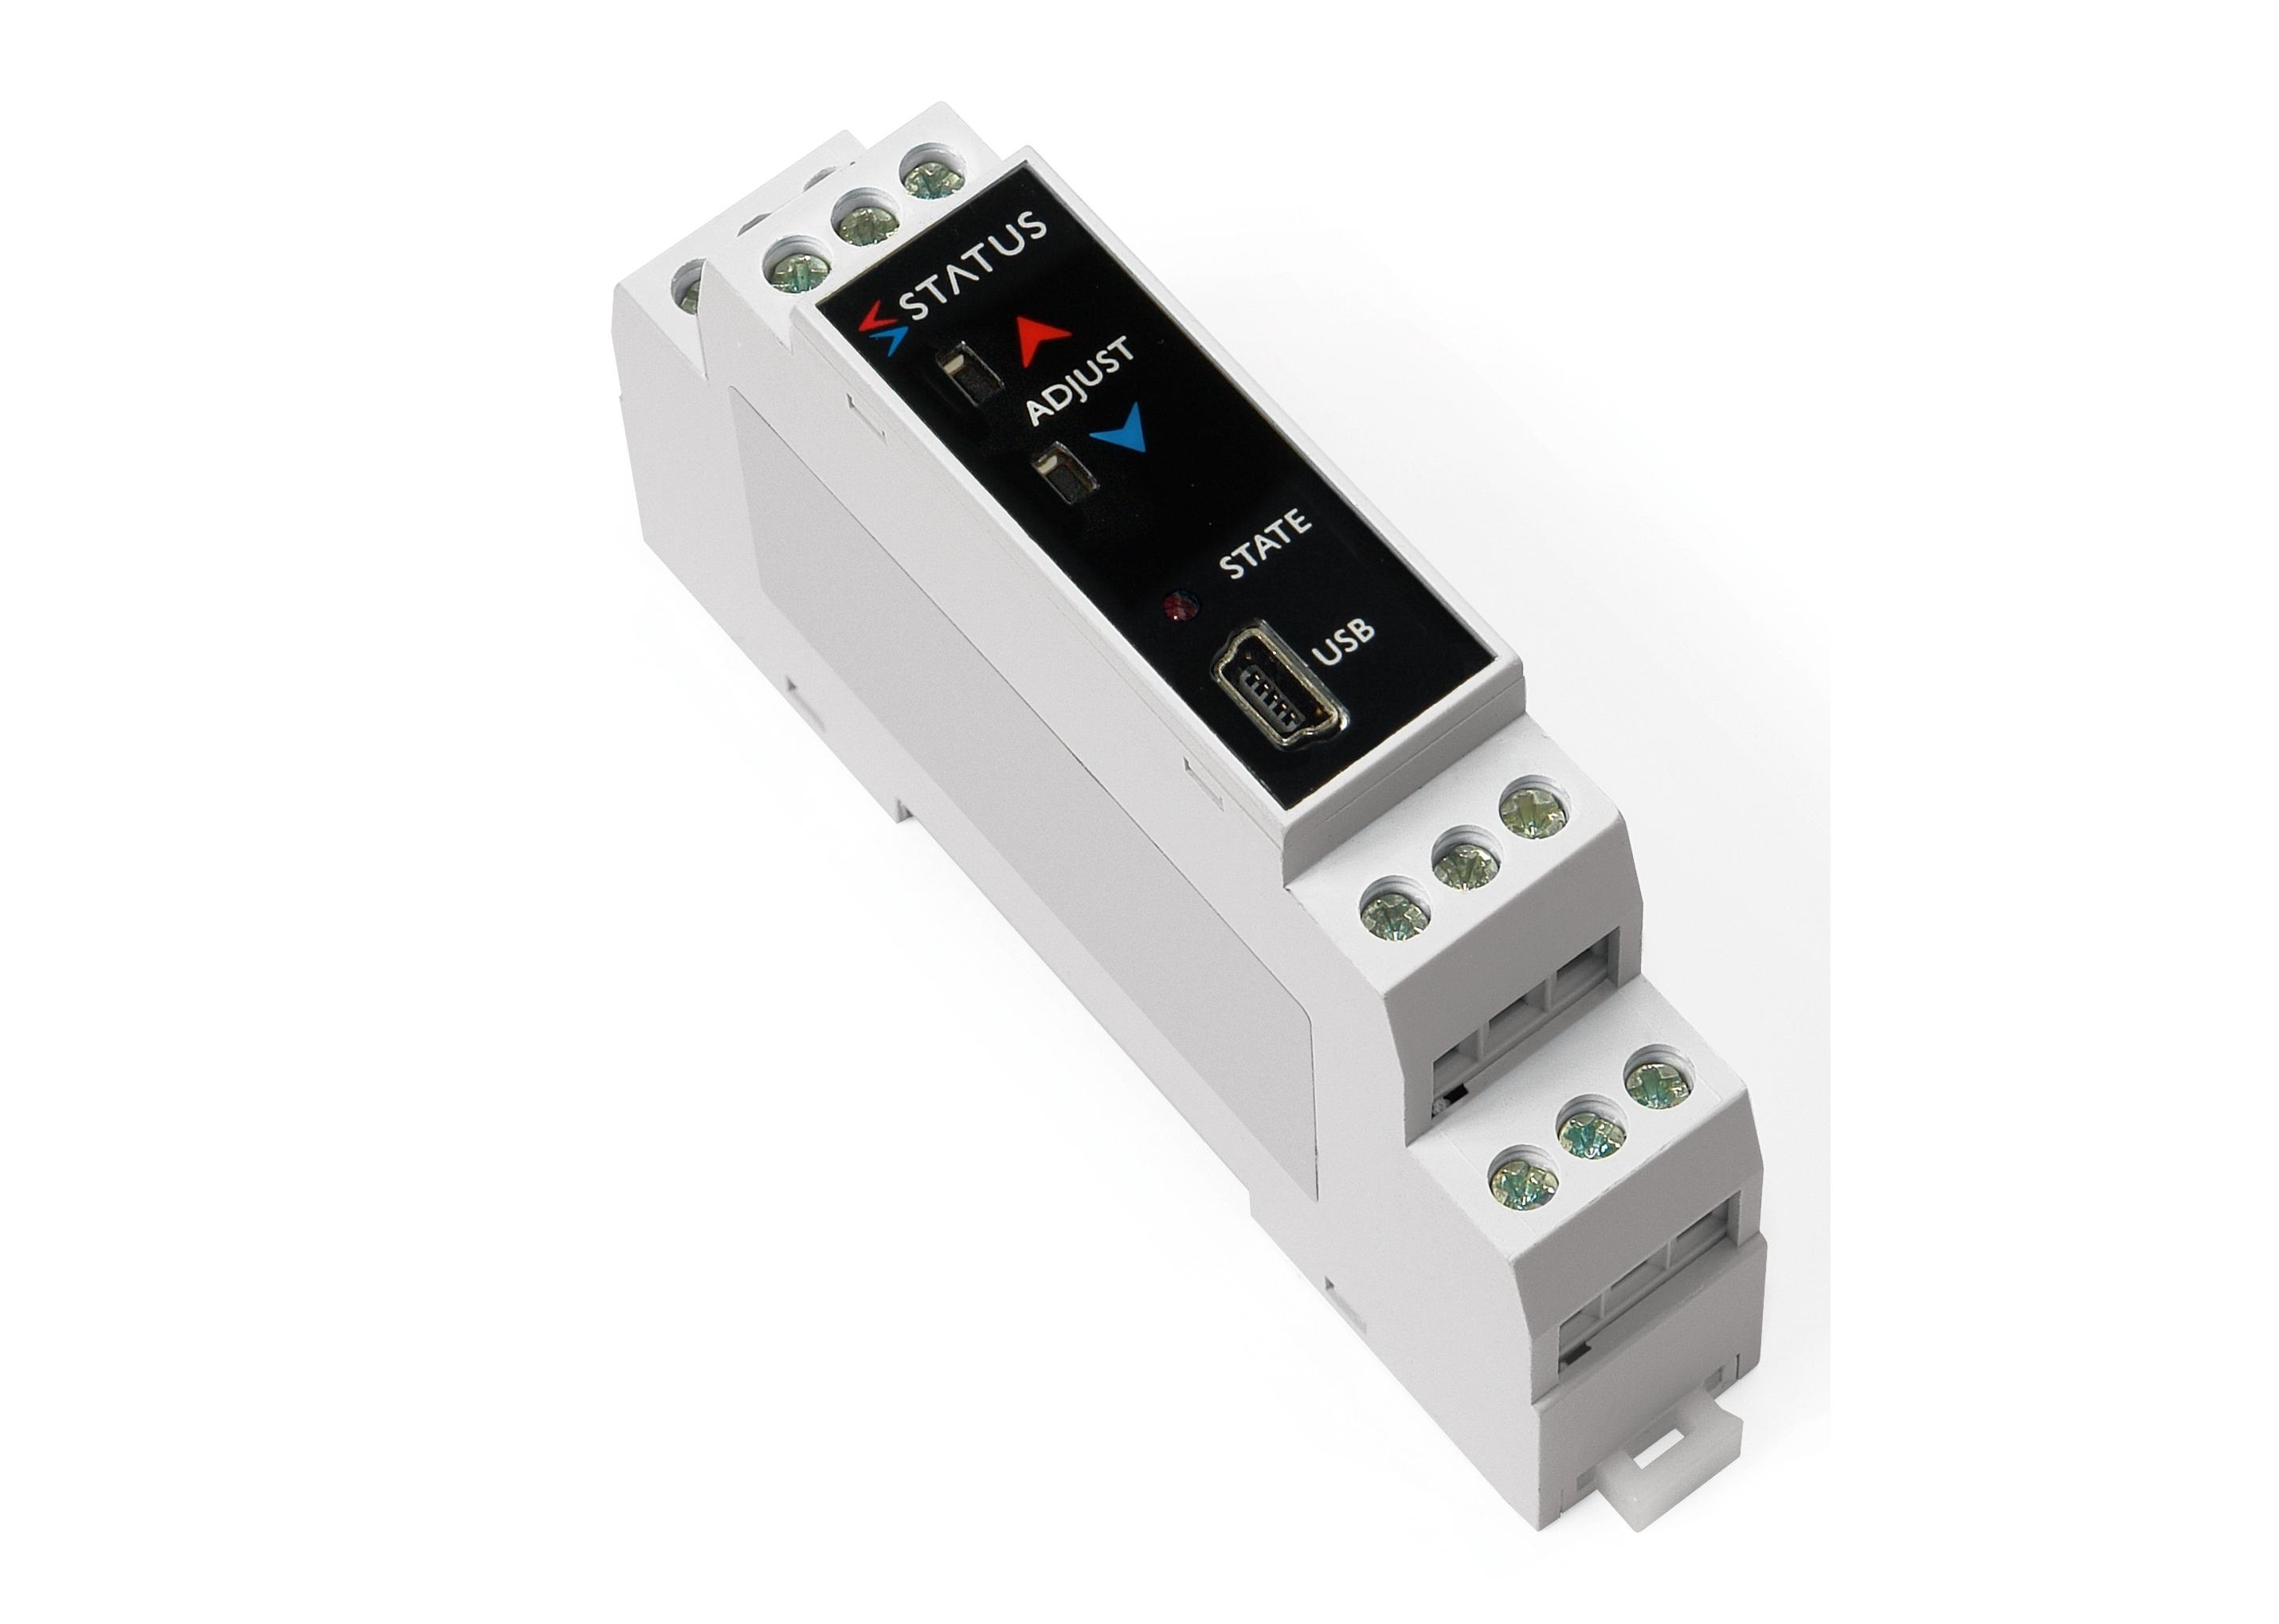 SEM213P Push di trasmettitore di temperatura con rail Pt100 DIN di pulsante